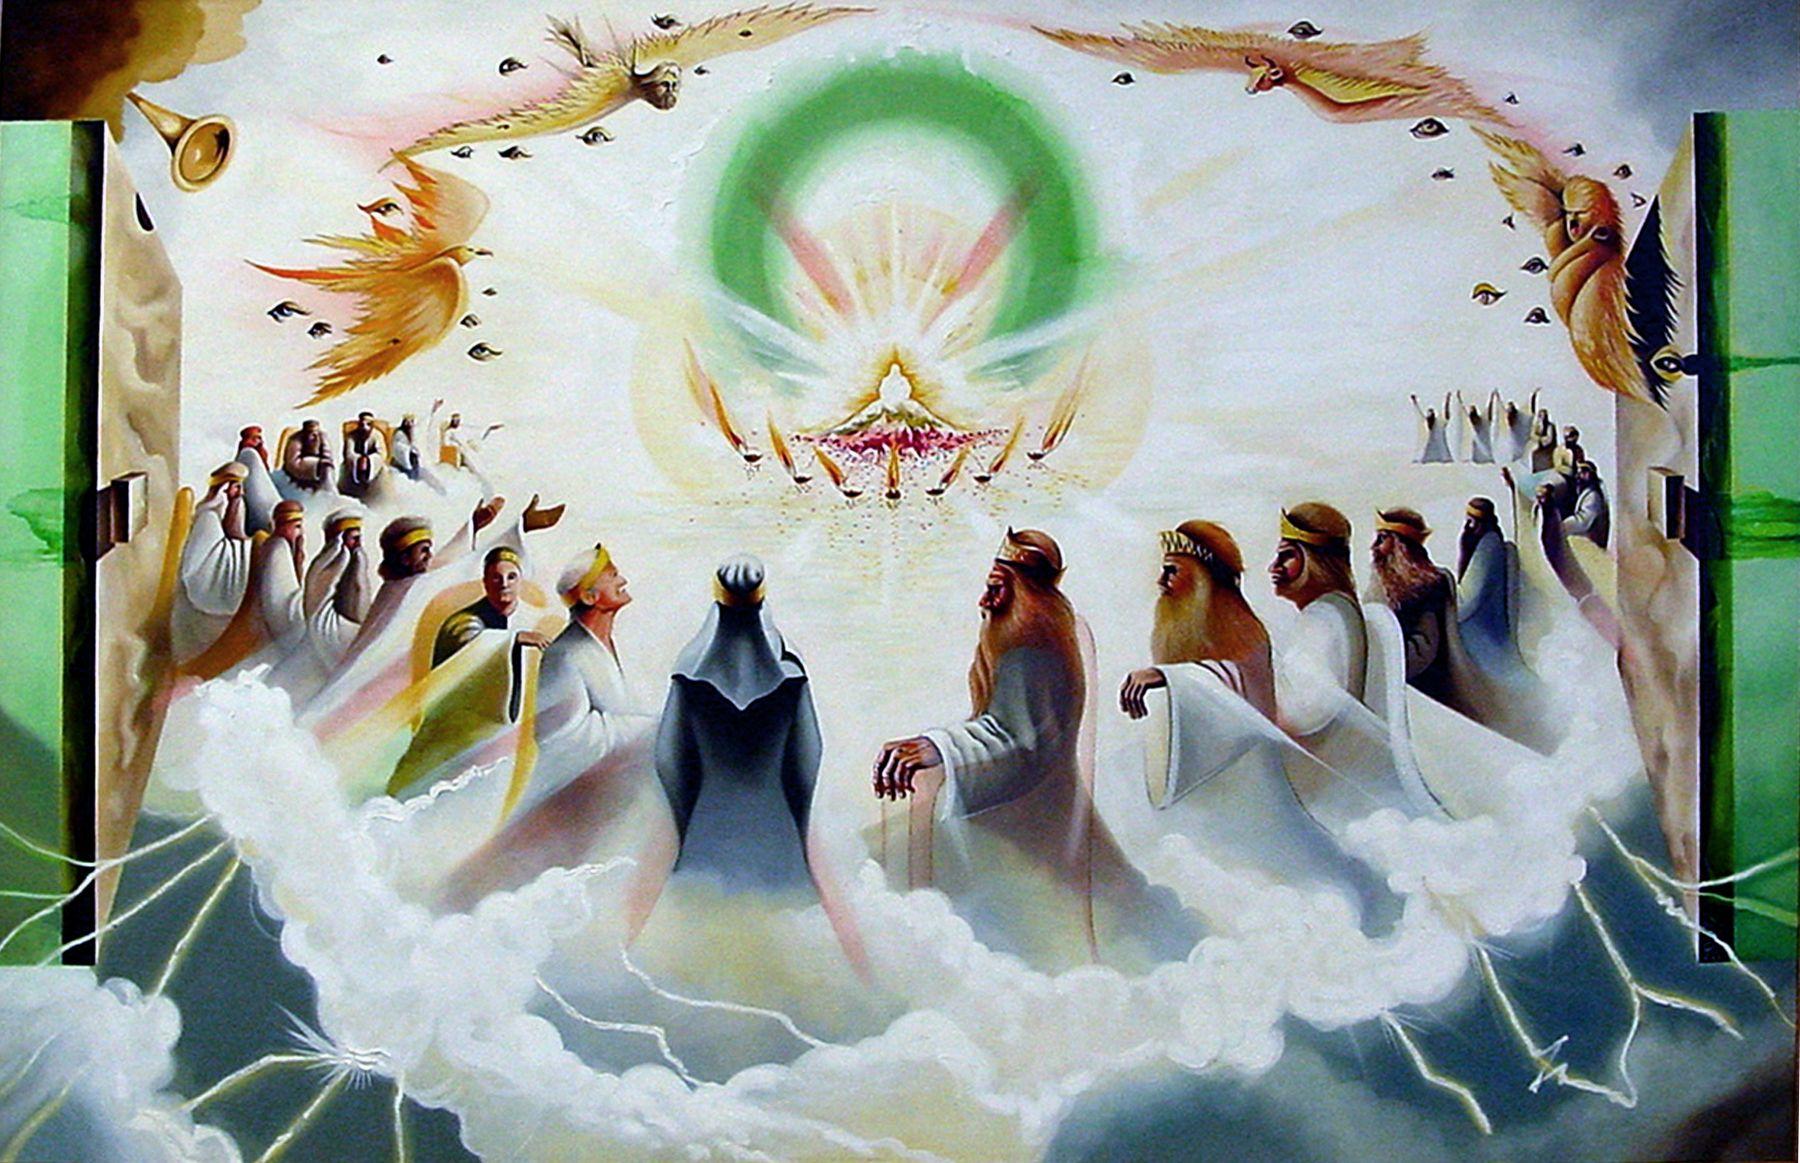 Bildergebnis für the image around the throne of god images